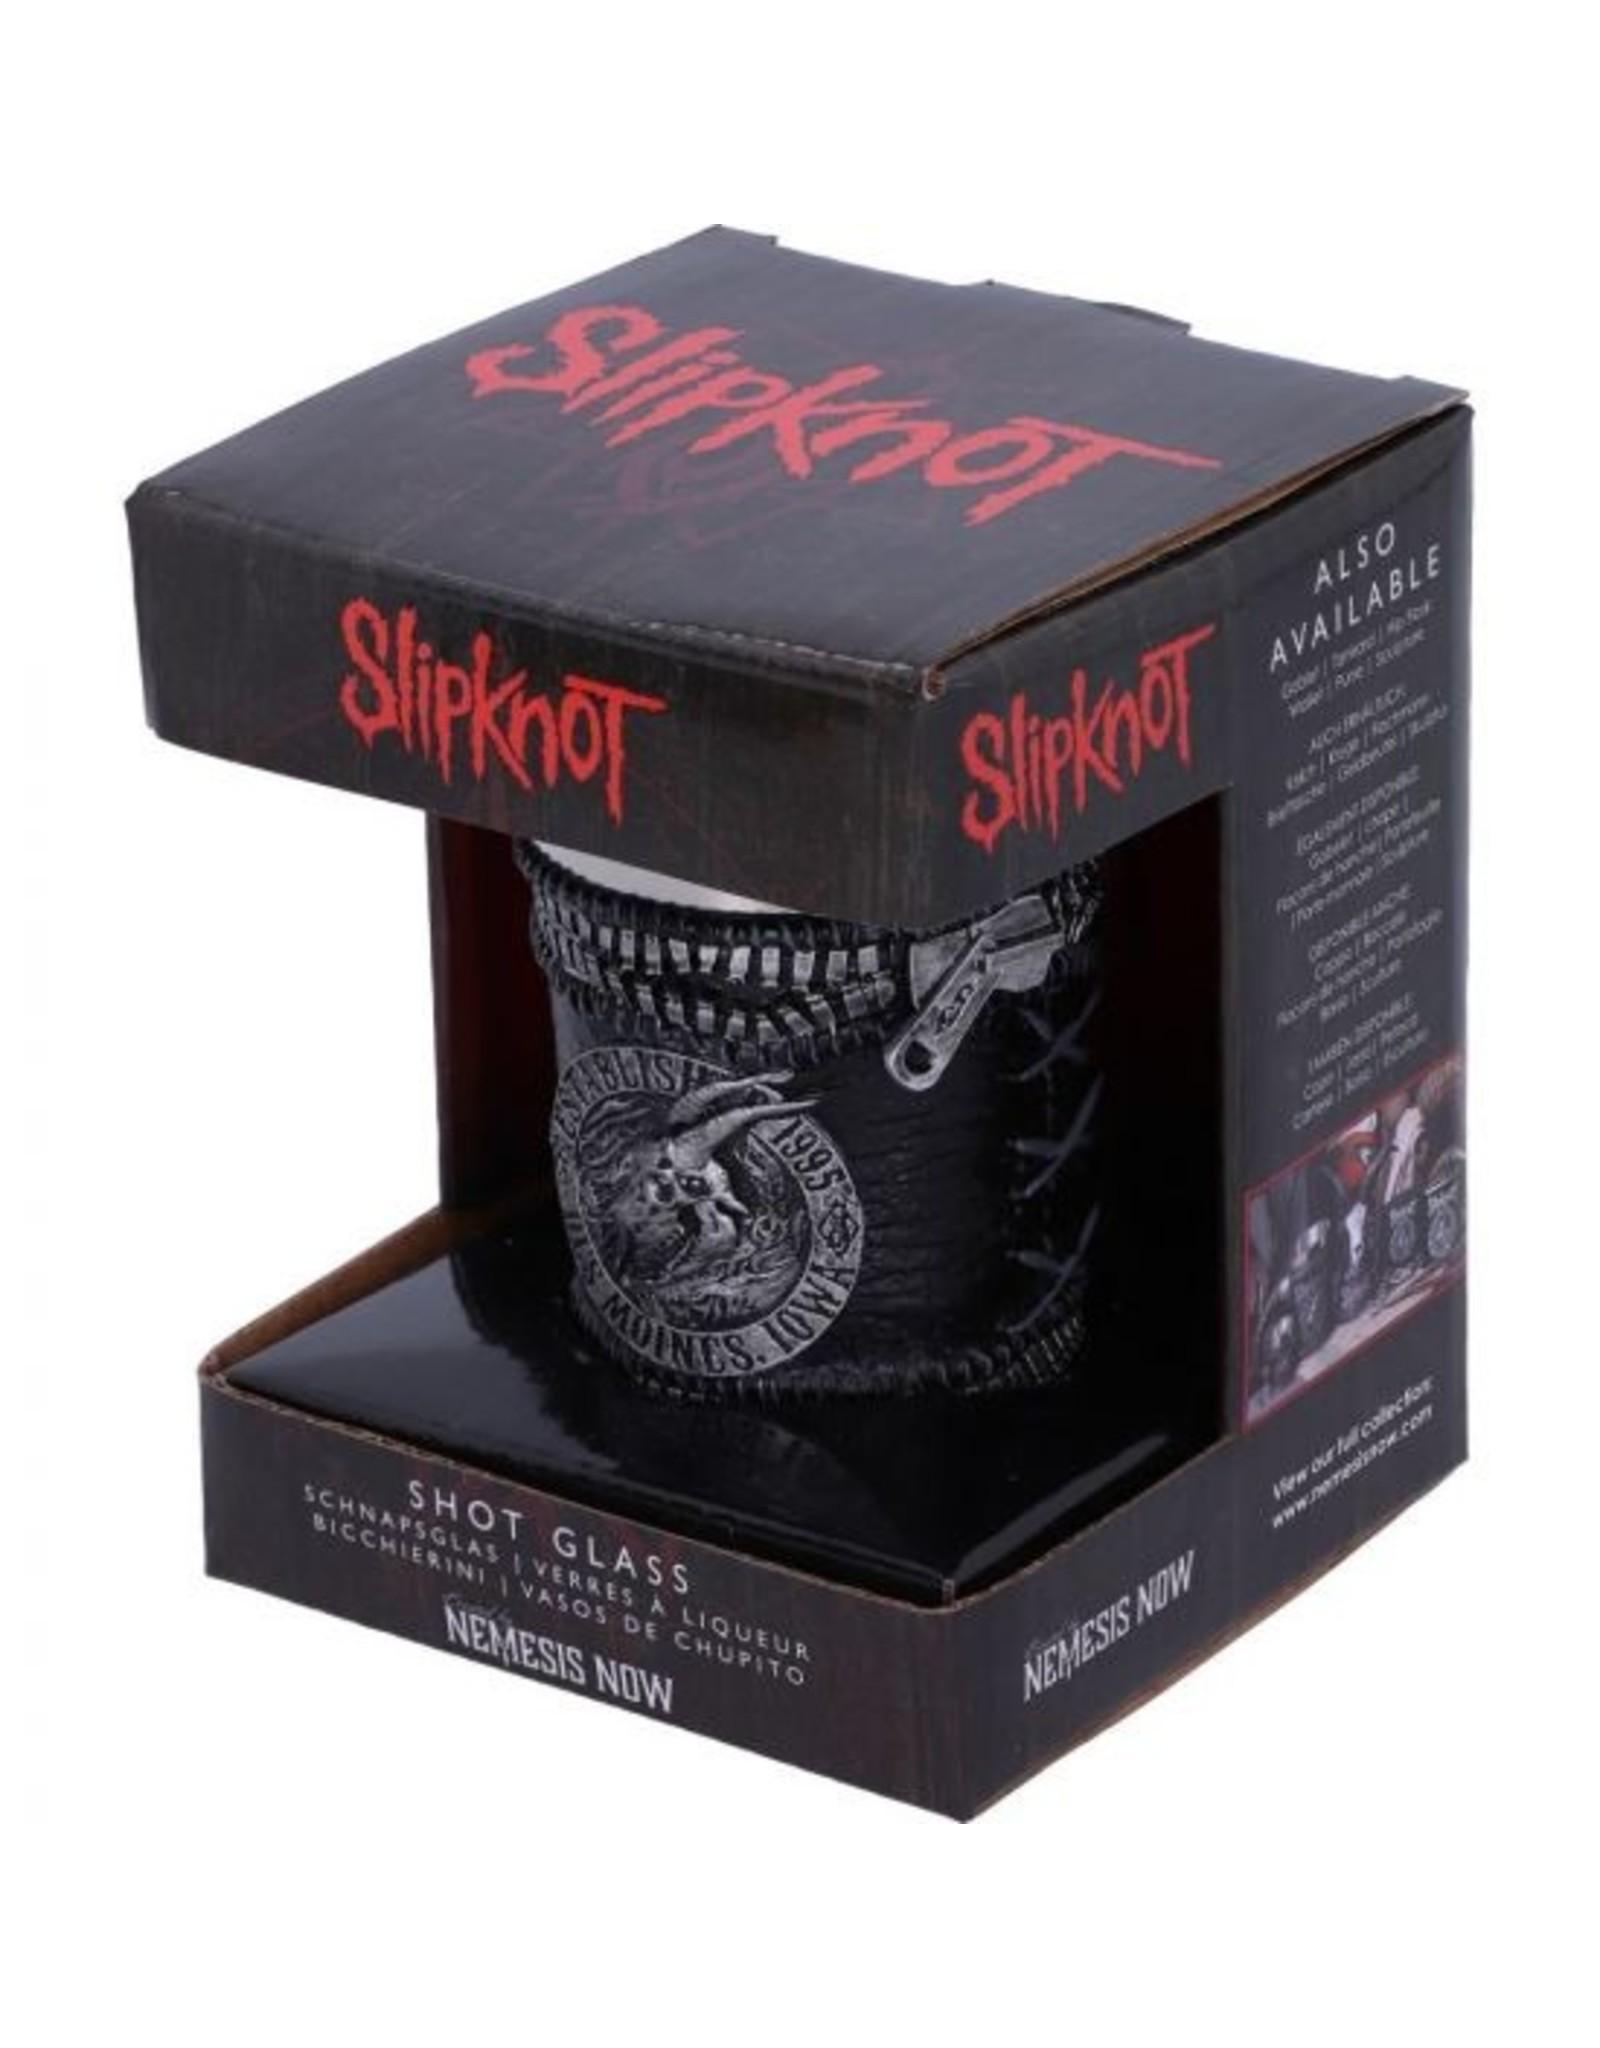 Slipknot Schnapsbecher Slipknot Goat 8,5 cm